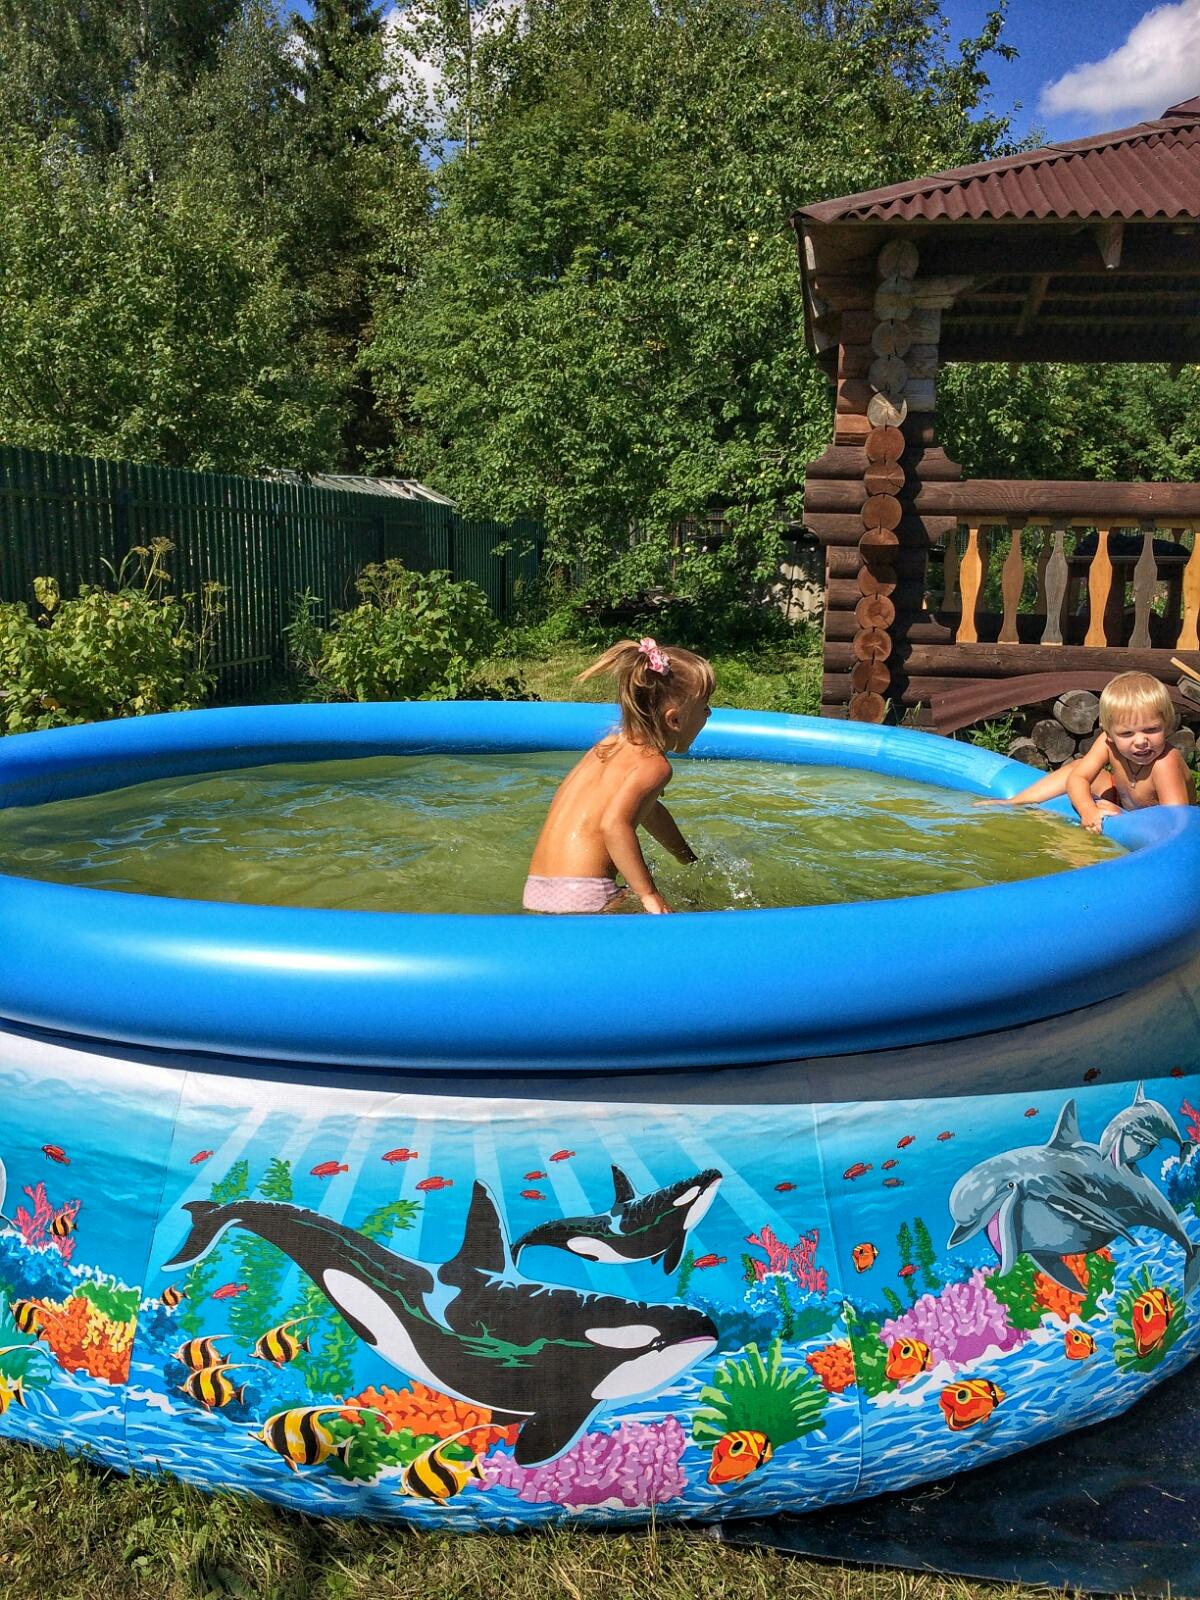 Оппобываем с Тёмой наш новый бассейн